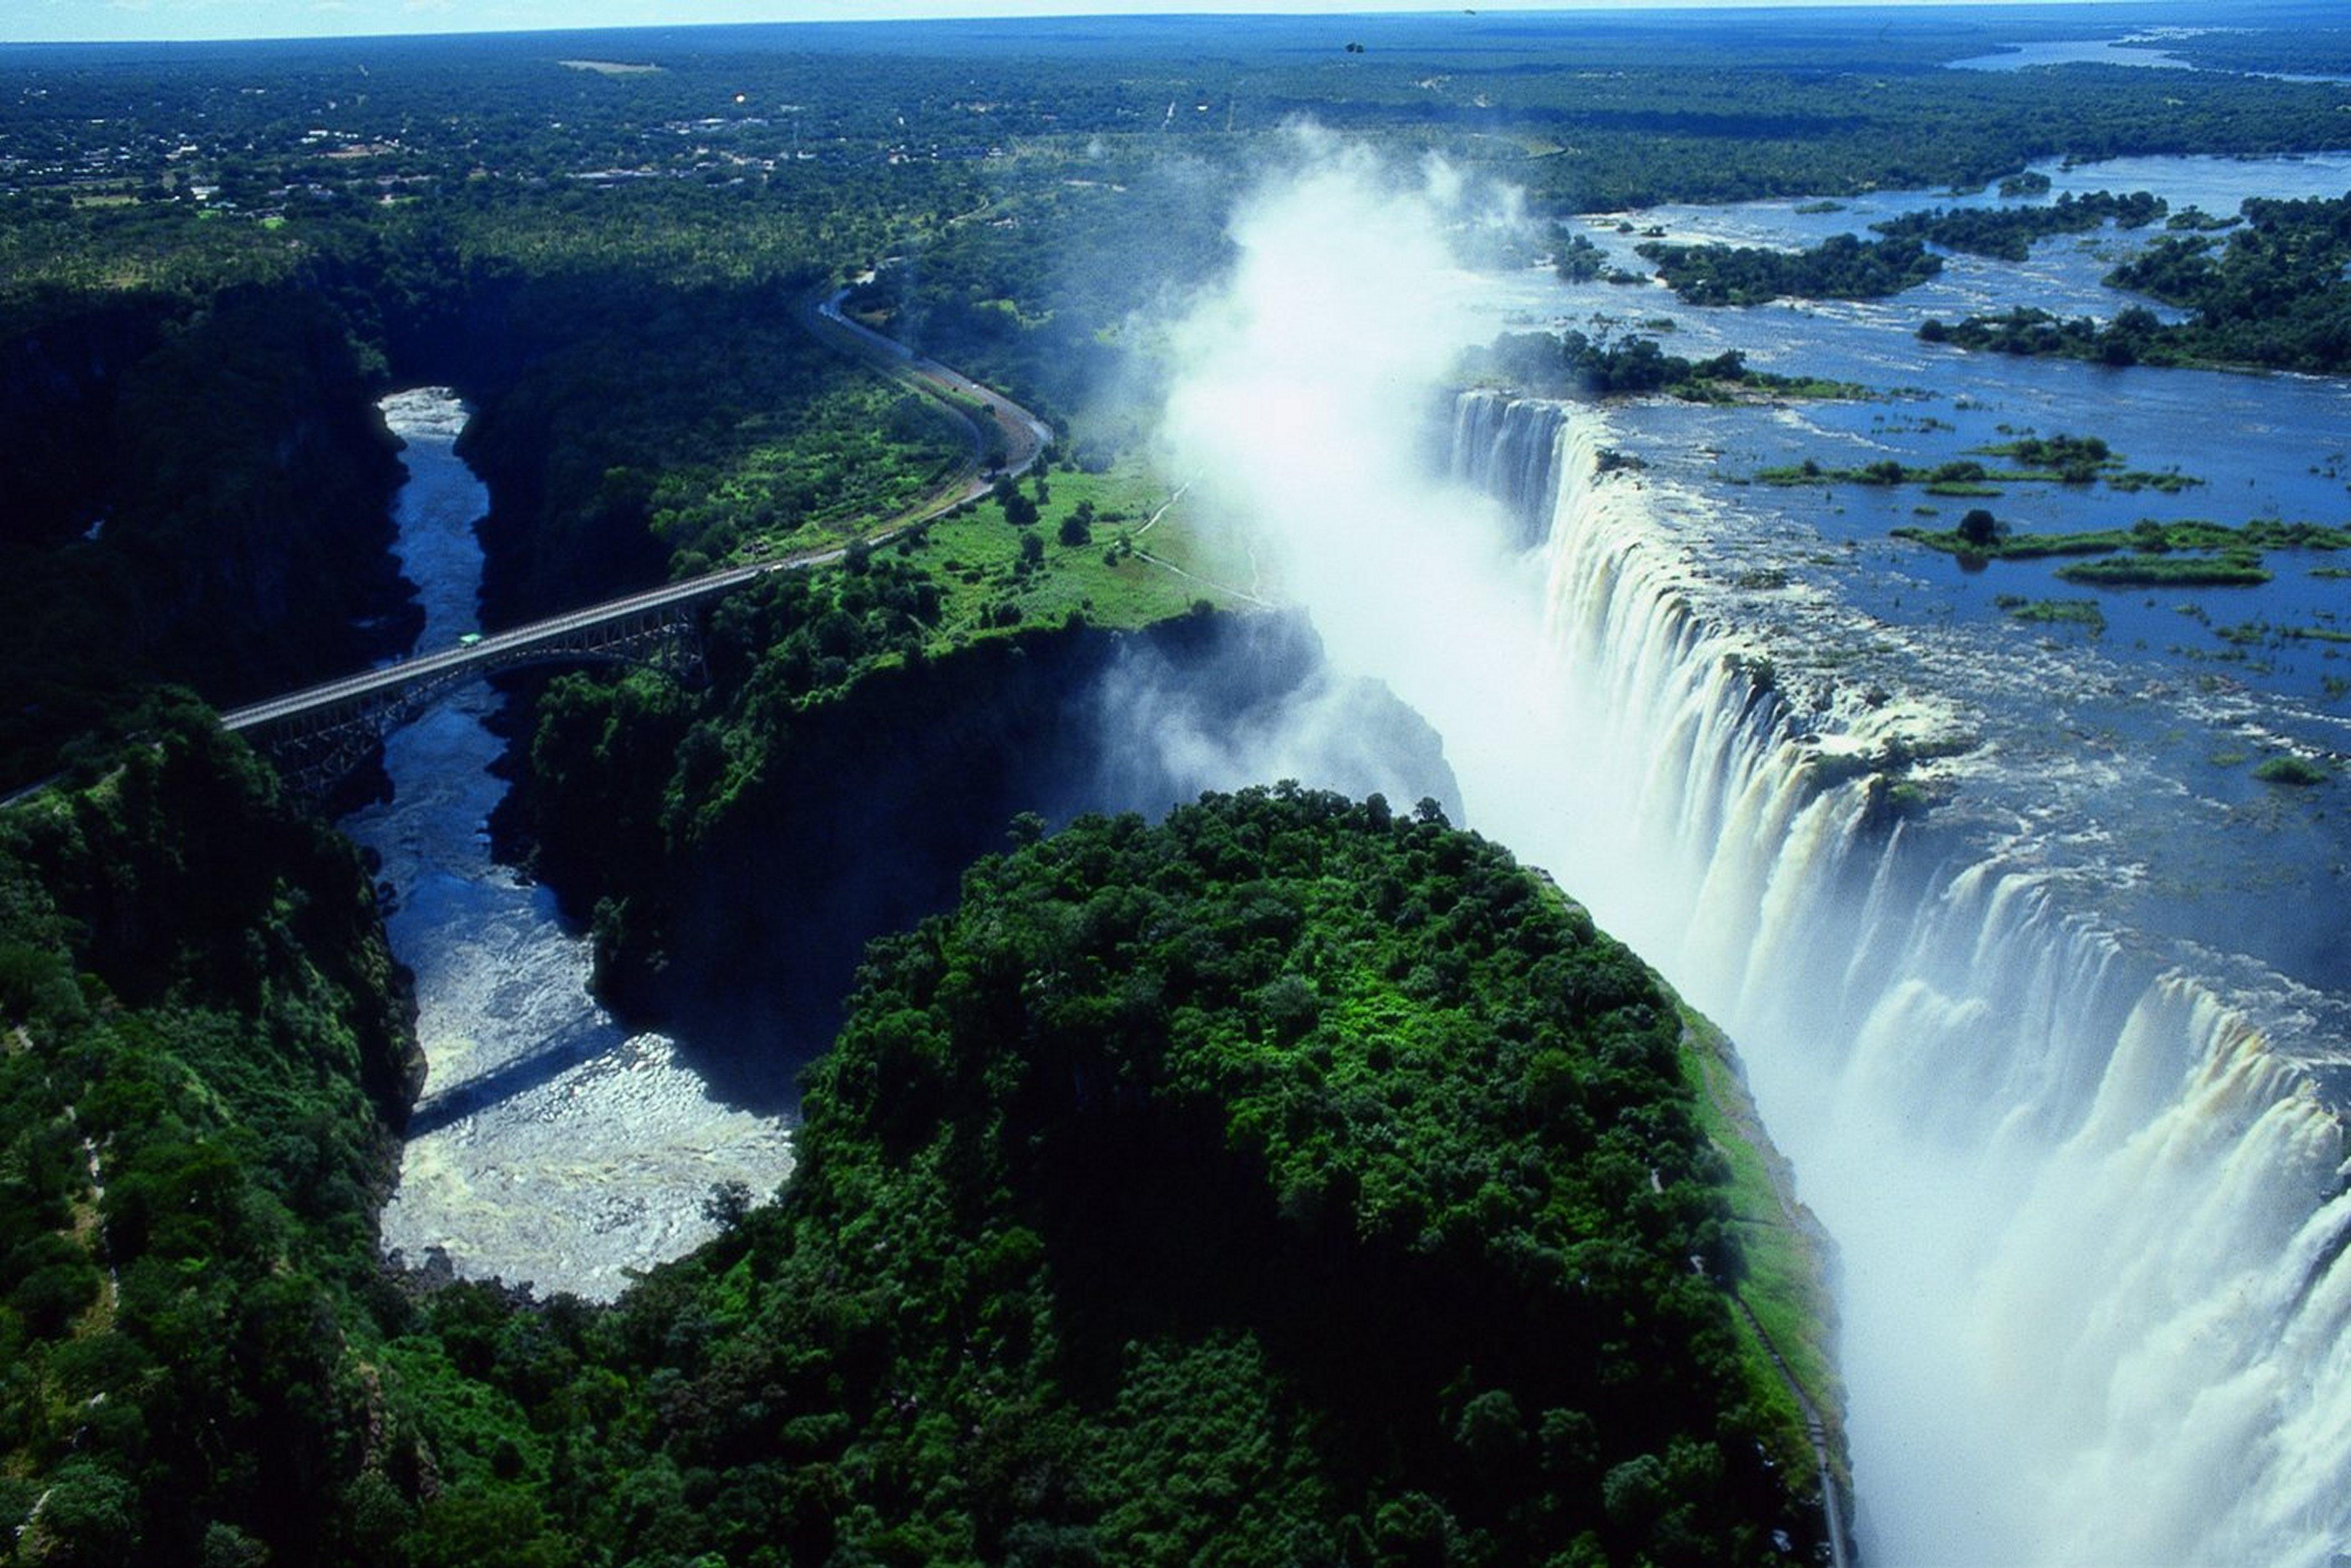 Victoria Falls Zambia and Zimbabwe Wallpaper 4251 x 2835 4251x2835